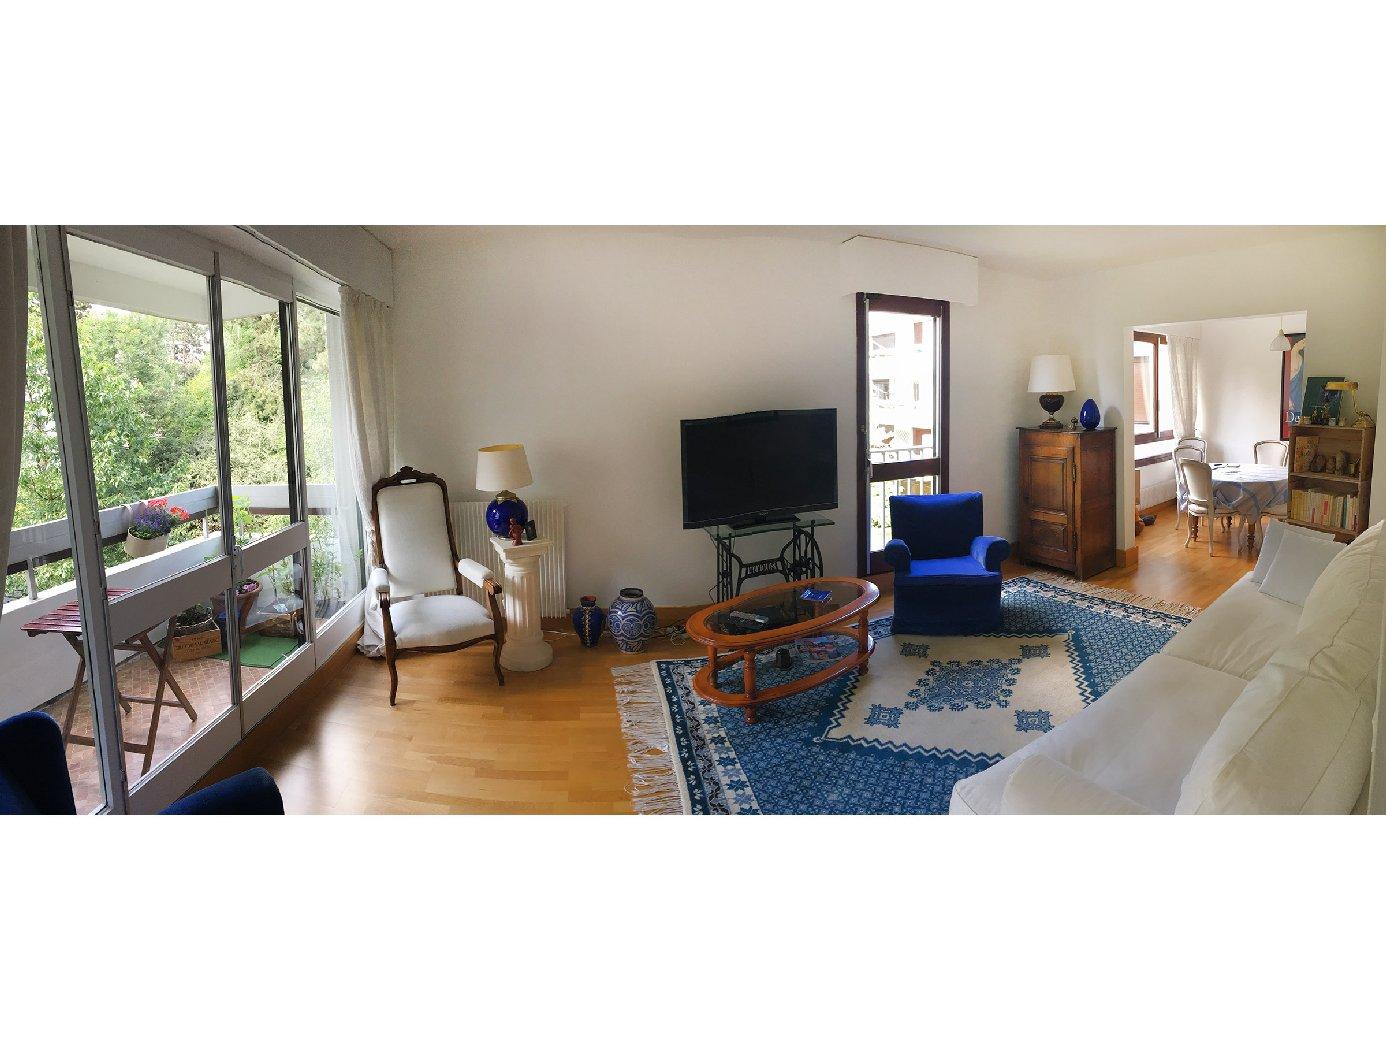 appartement 4 pi ces les ulis vend appartement. Black Bedroom Furniture Sets. Home Design Ideas